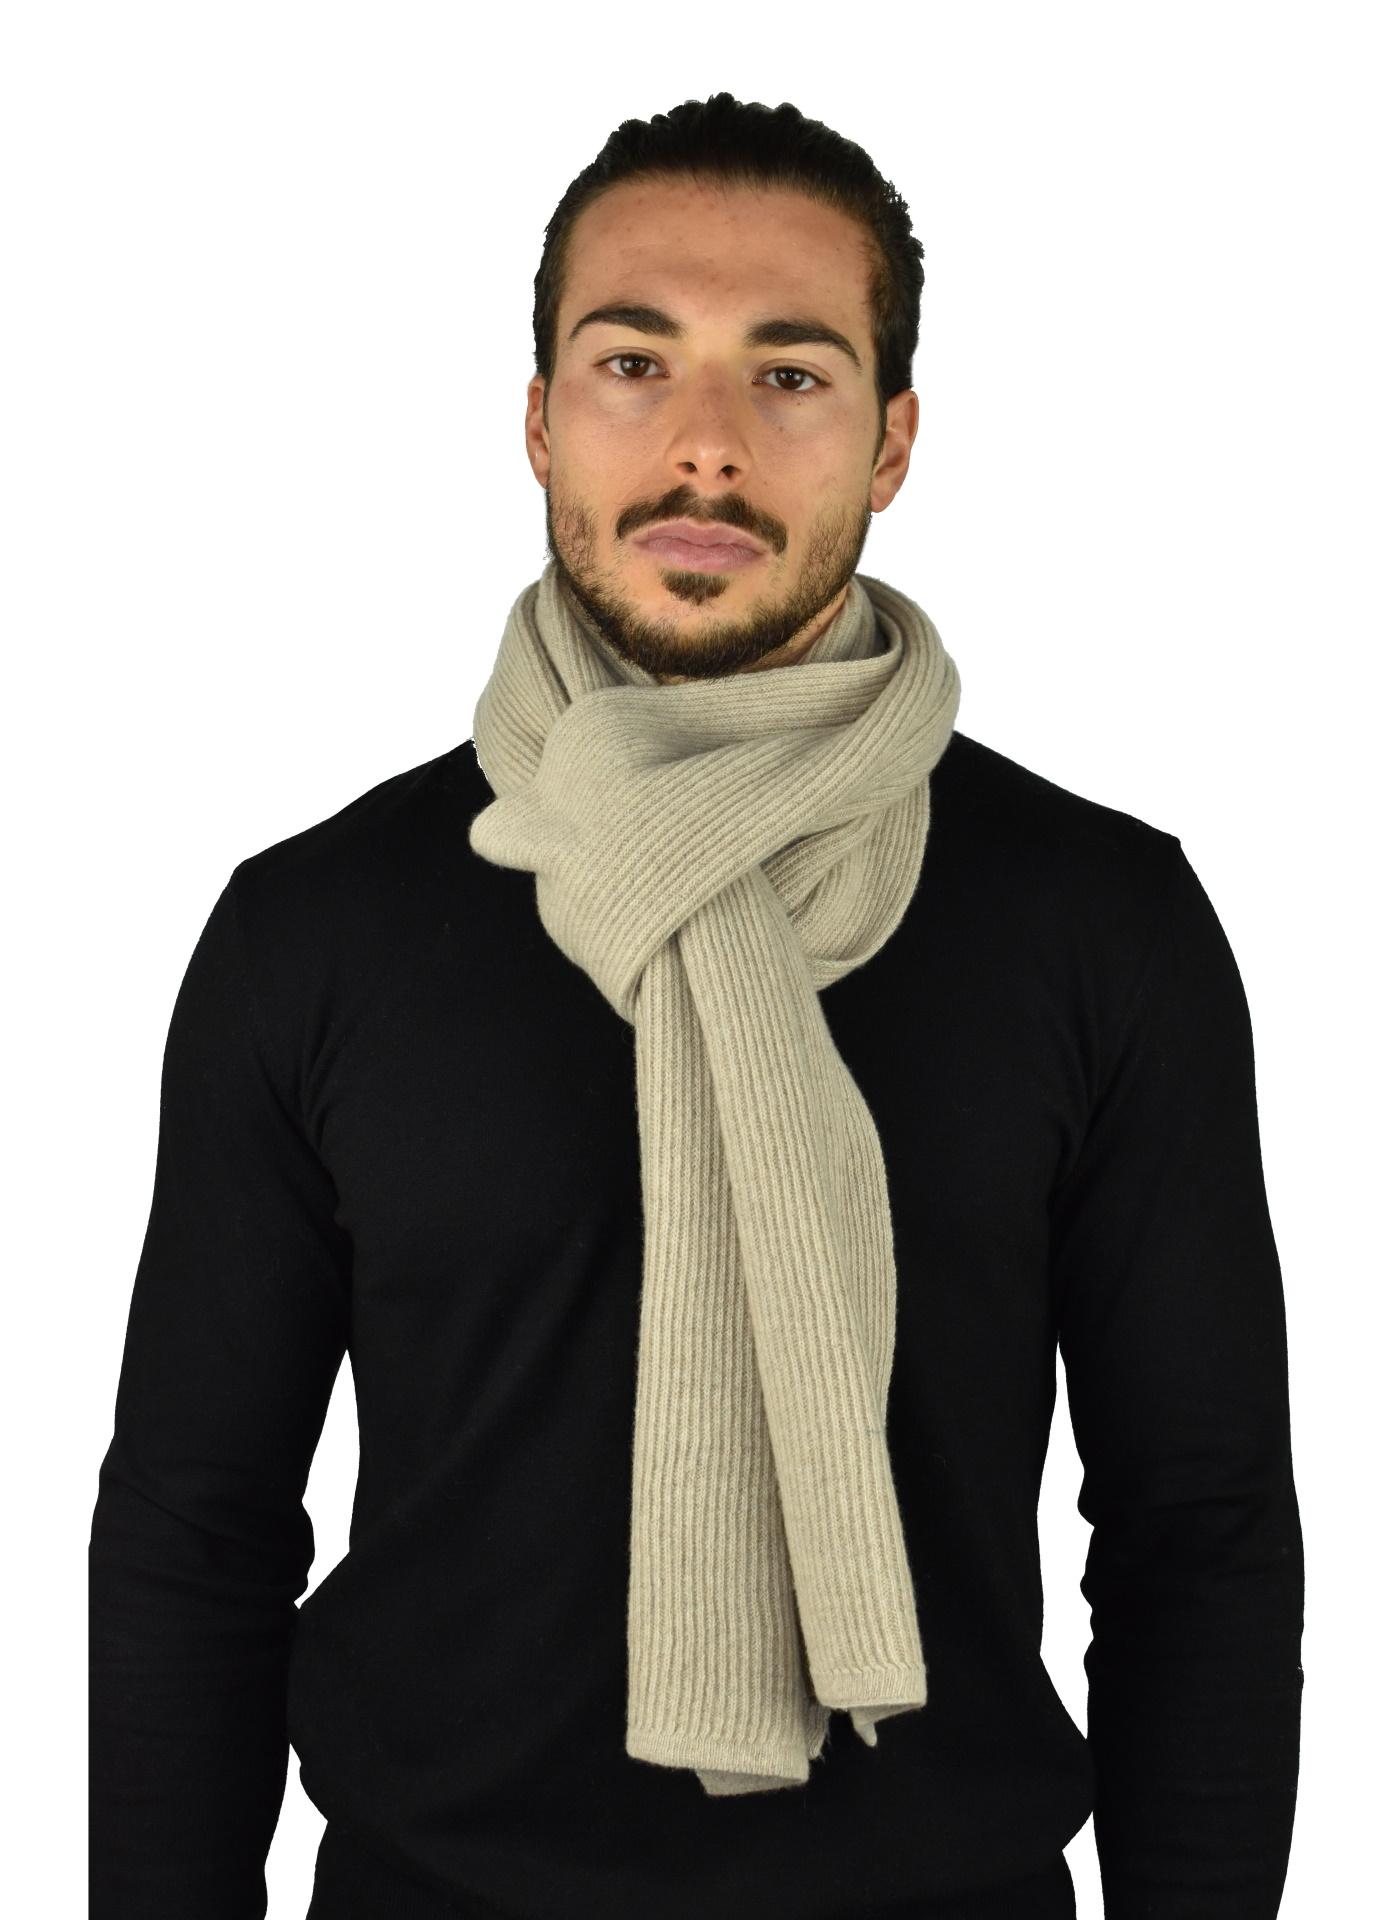 JURIDARIO BEIGE SCIARPA UOMO 100 PURO CASHMERE COSTE LARGHE 1 1stAmerican sciarpa da uomo 100% puro cashmere Made in Italy a coste larghe - calda sciarpa invernale